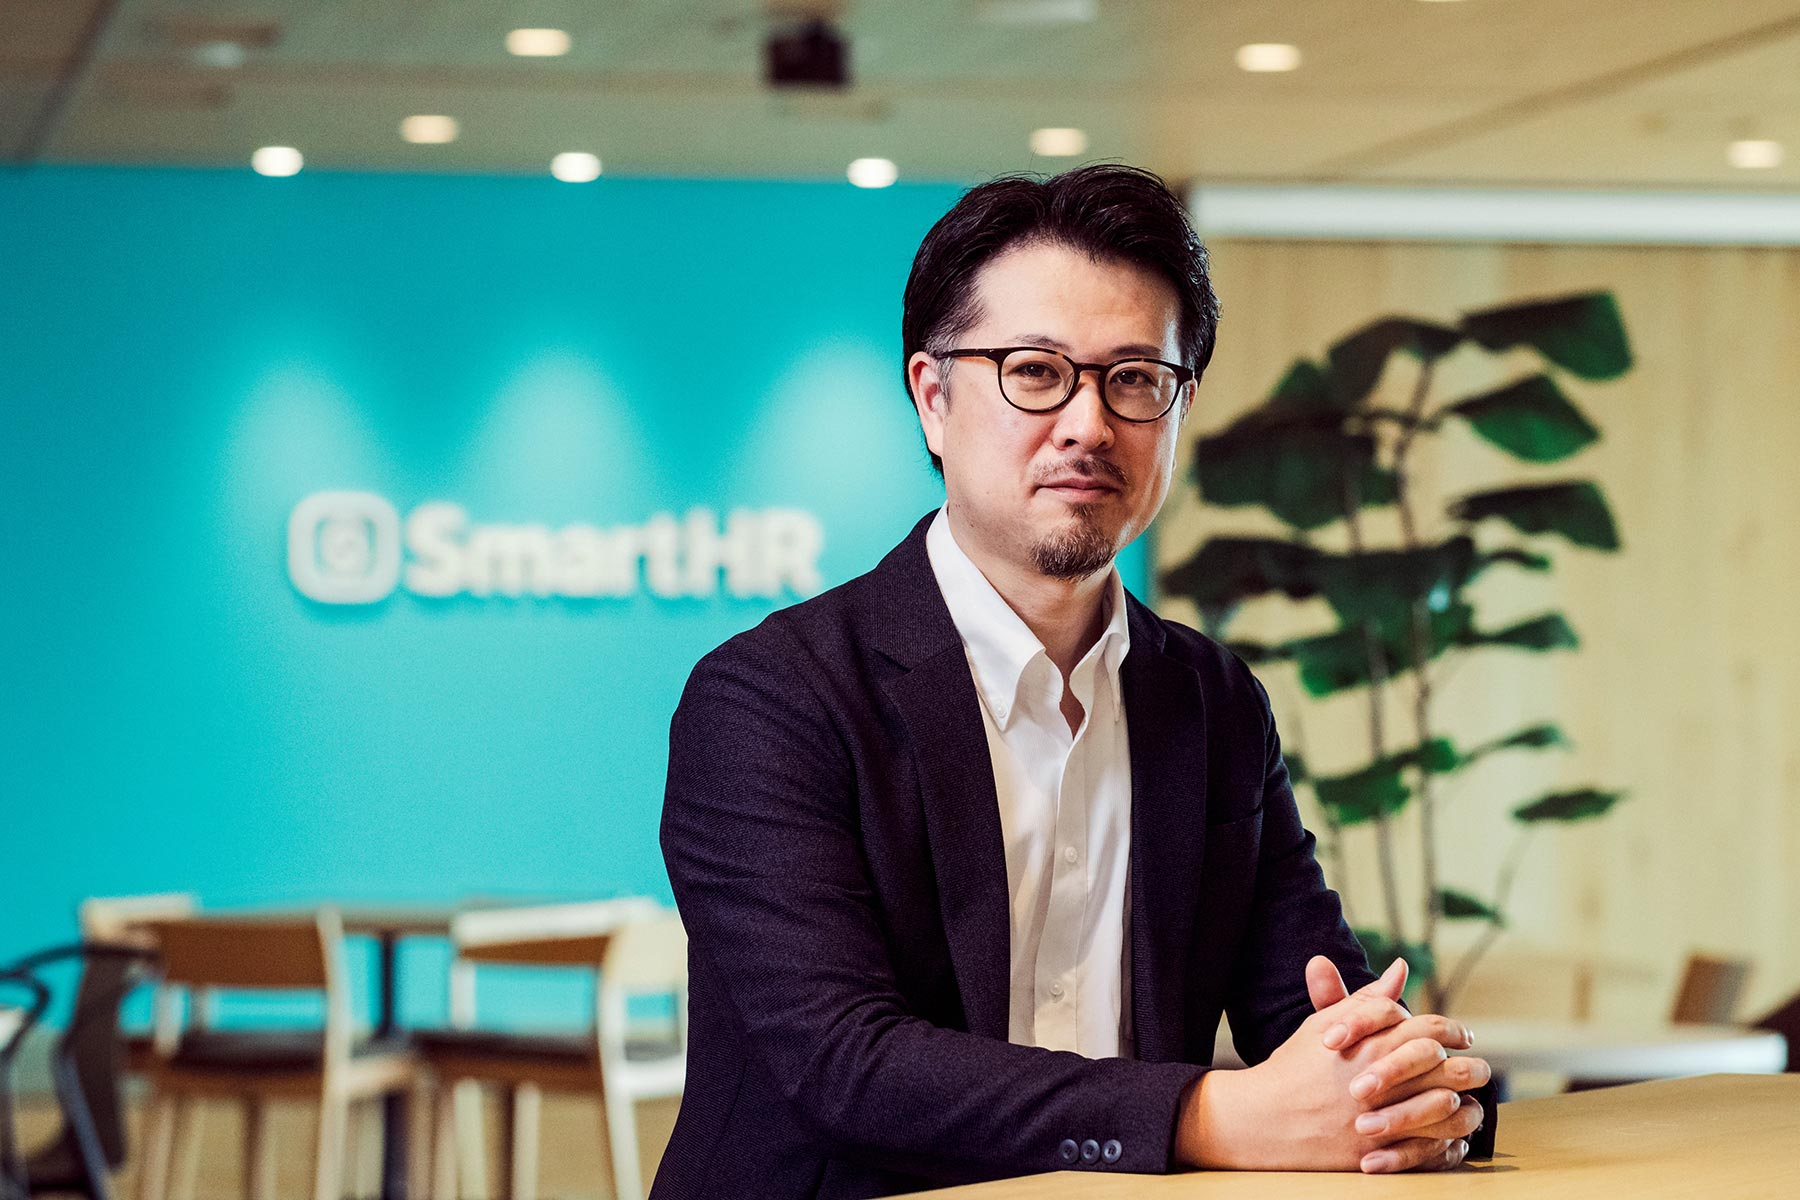 株式会社SmartHR 執行役員 VP of Sales 中尾 友樹様